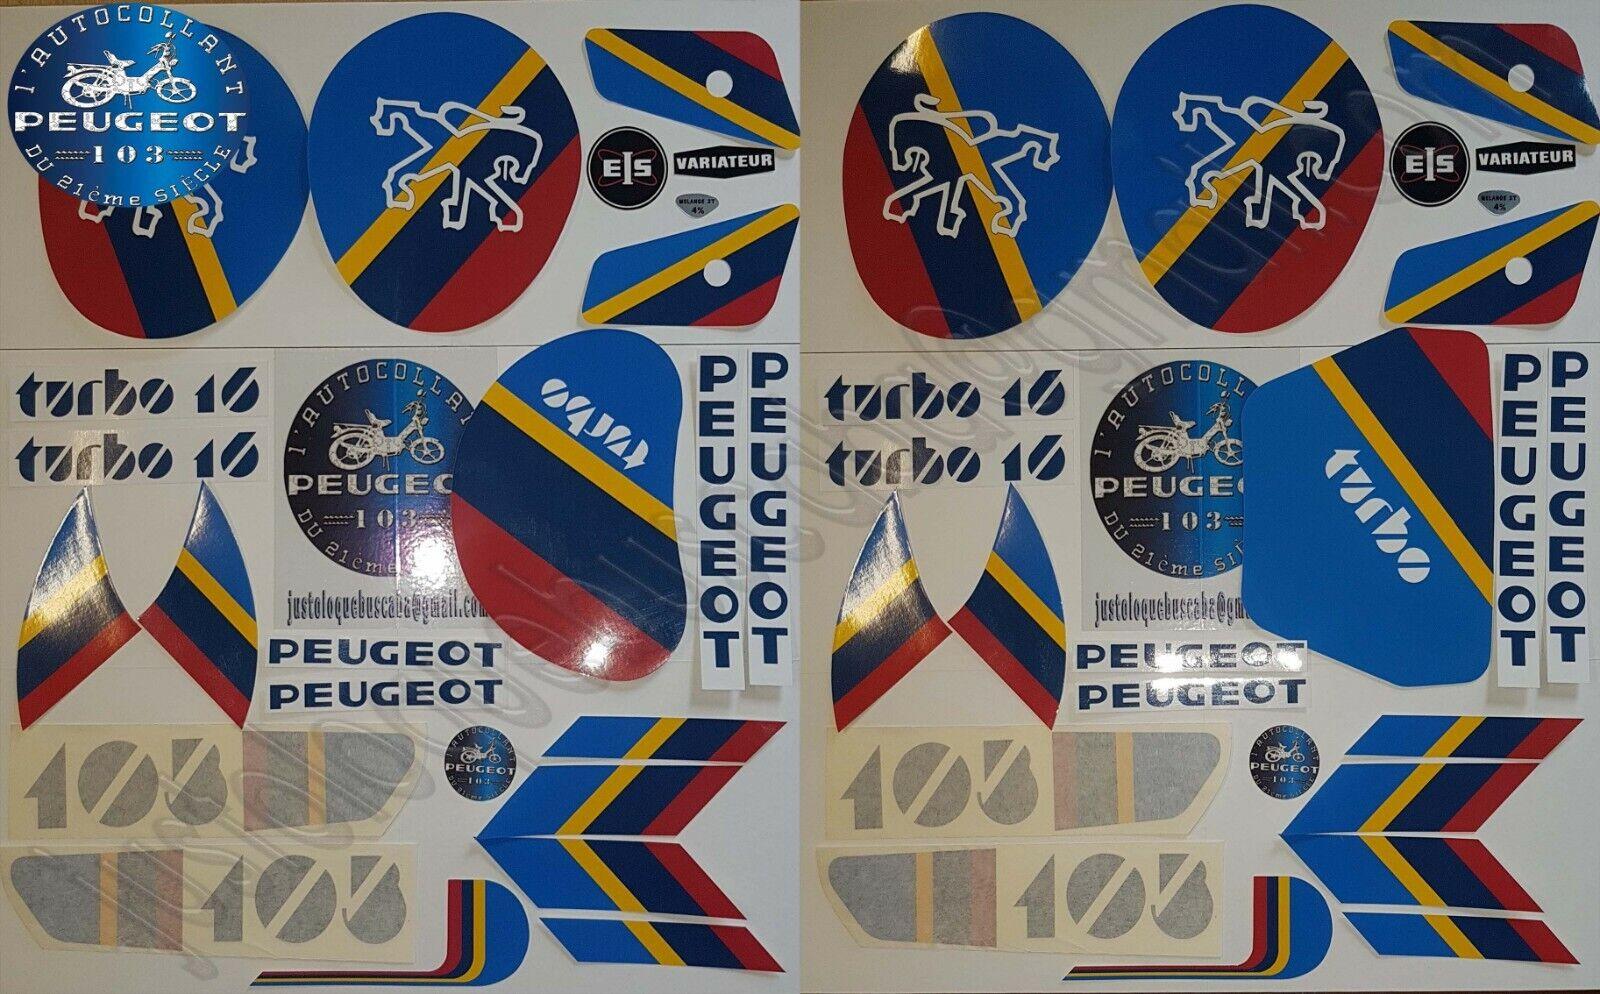 Autocollant stickers mobylette Peugeot 103 Turbo 16 Fait votre choix PH1 ou PH2